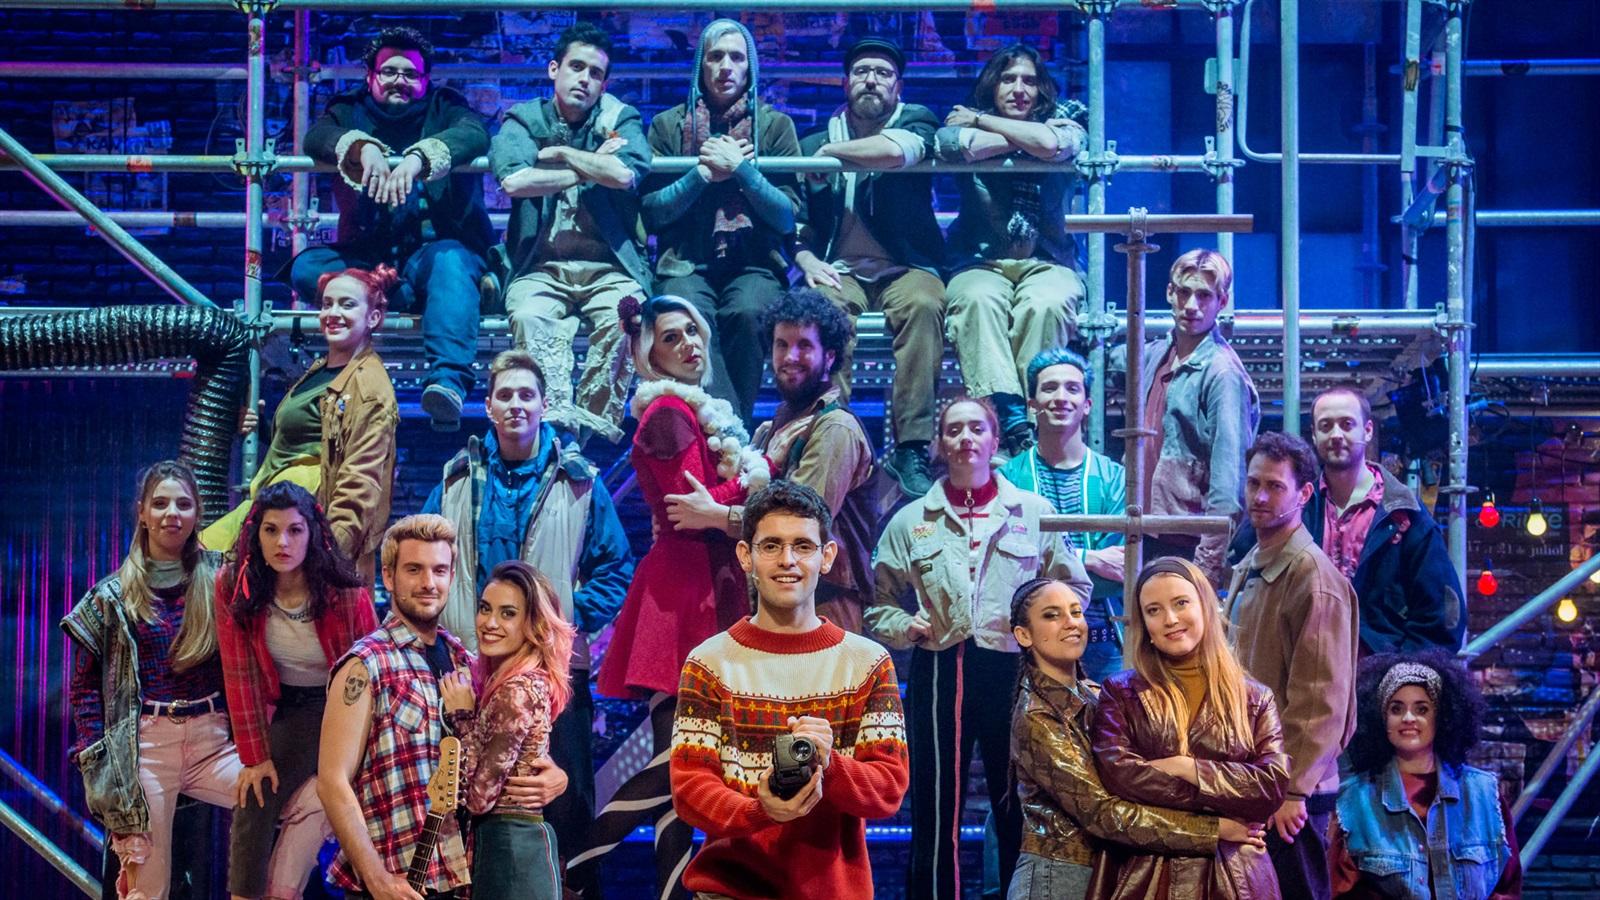 rent el musical onyric teatre condal barcelona